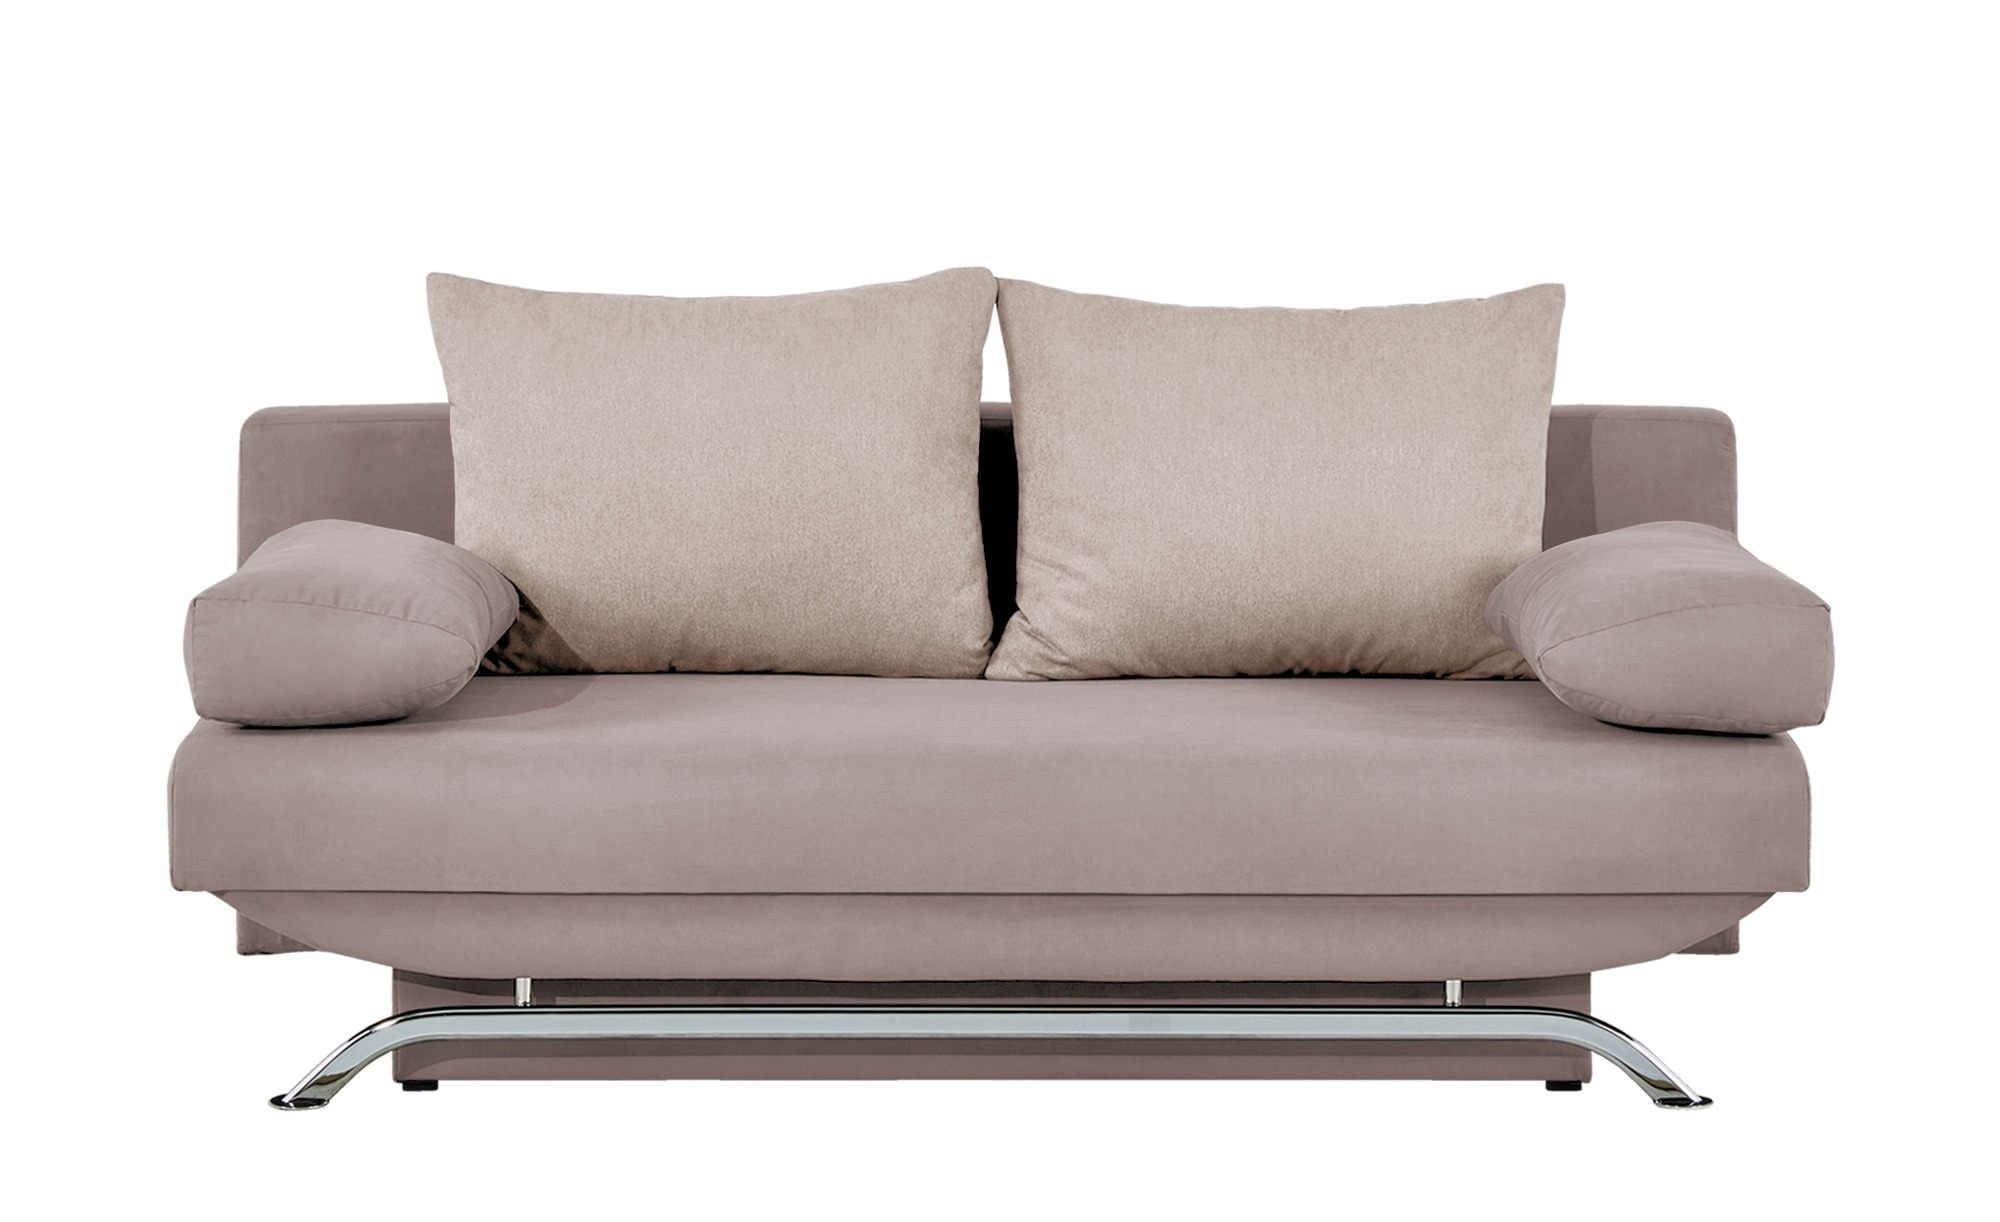 smart Schlafsofa grau-beige - Flachgewebe Monika ¦ beige ¦ Maße (cm): B: 195 H: 76 T: 91 Polstermöbel > Sofas > 2-Sitzer - Höffner